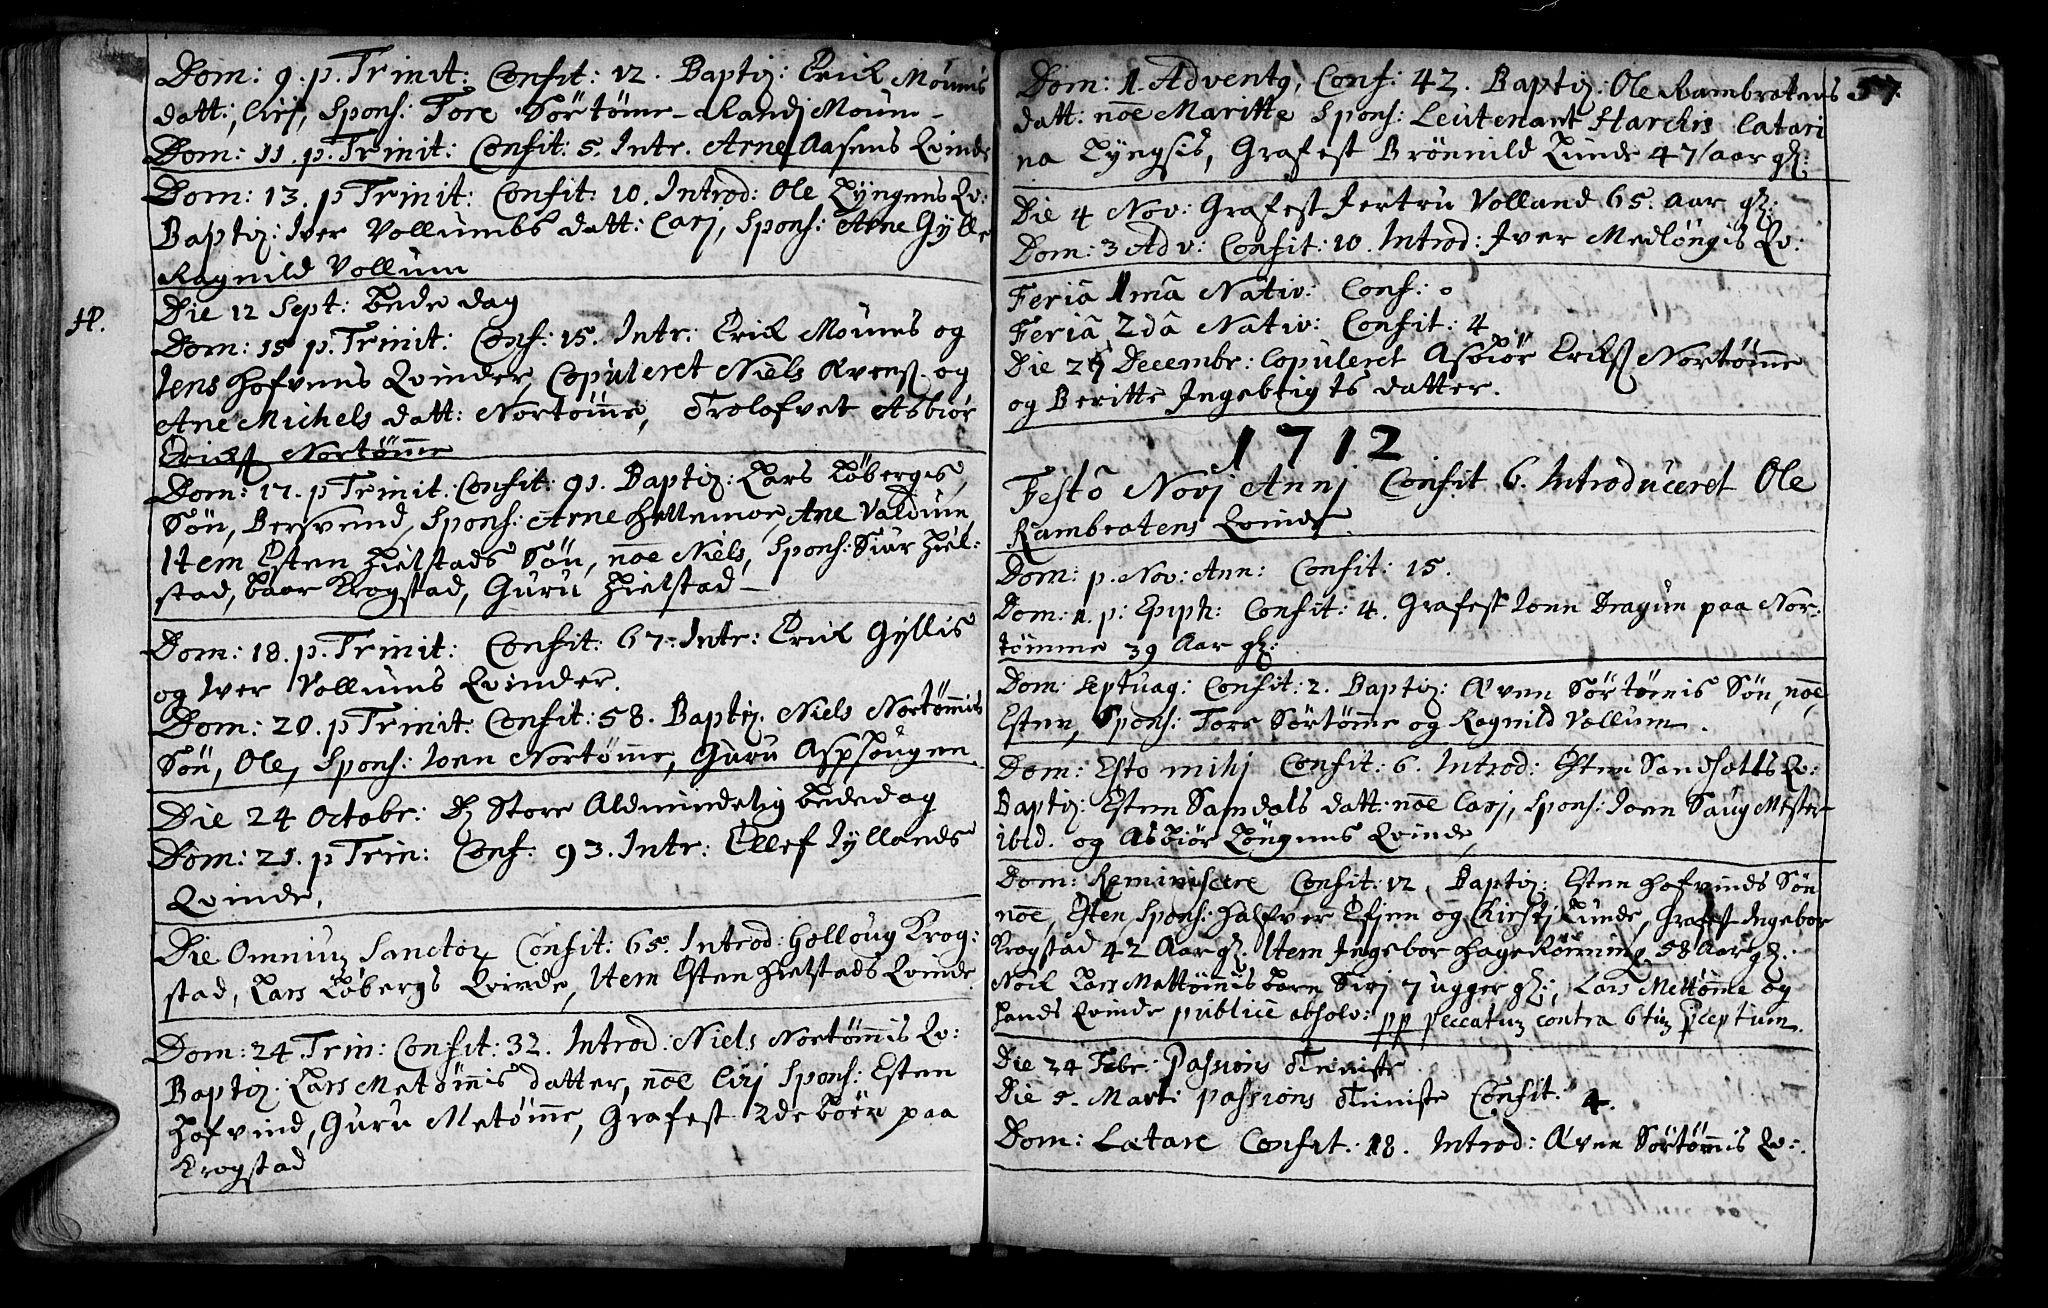 SAT, Ministerialprotokoller, klokkerbøker og fødselsregistre - Sør-Trøndelag, 692/L1101: Ministerialbok nr. 692A01, 1690-1746, s. 57